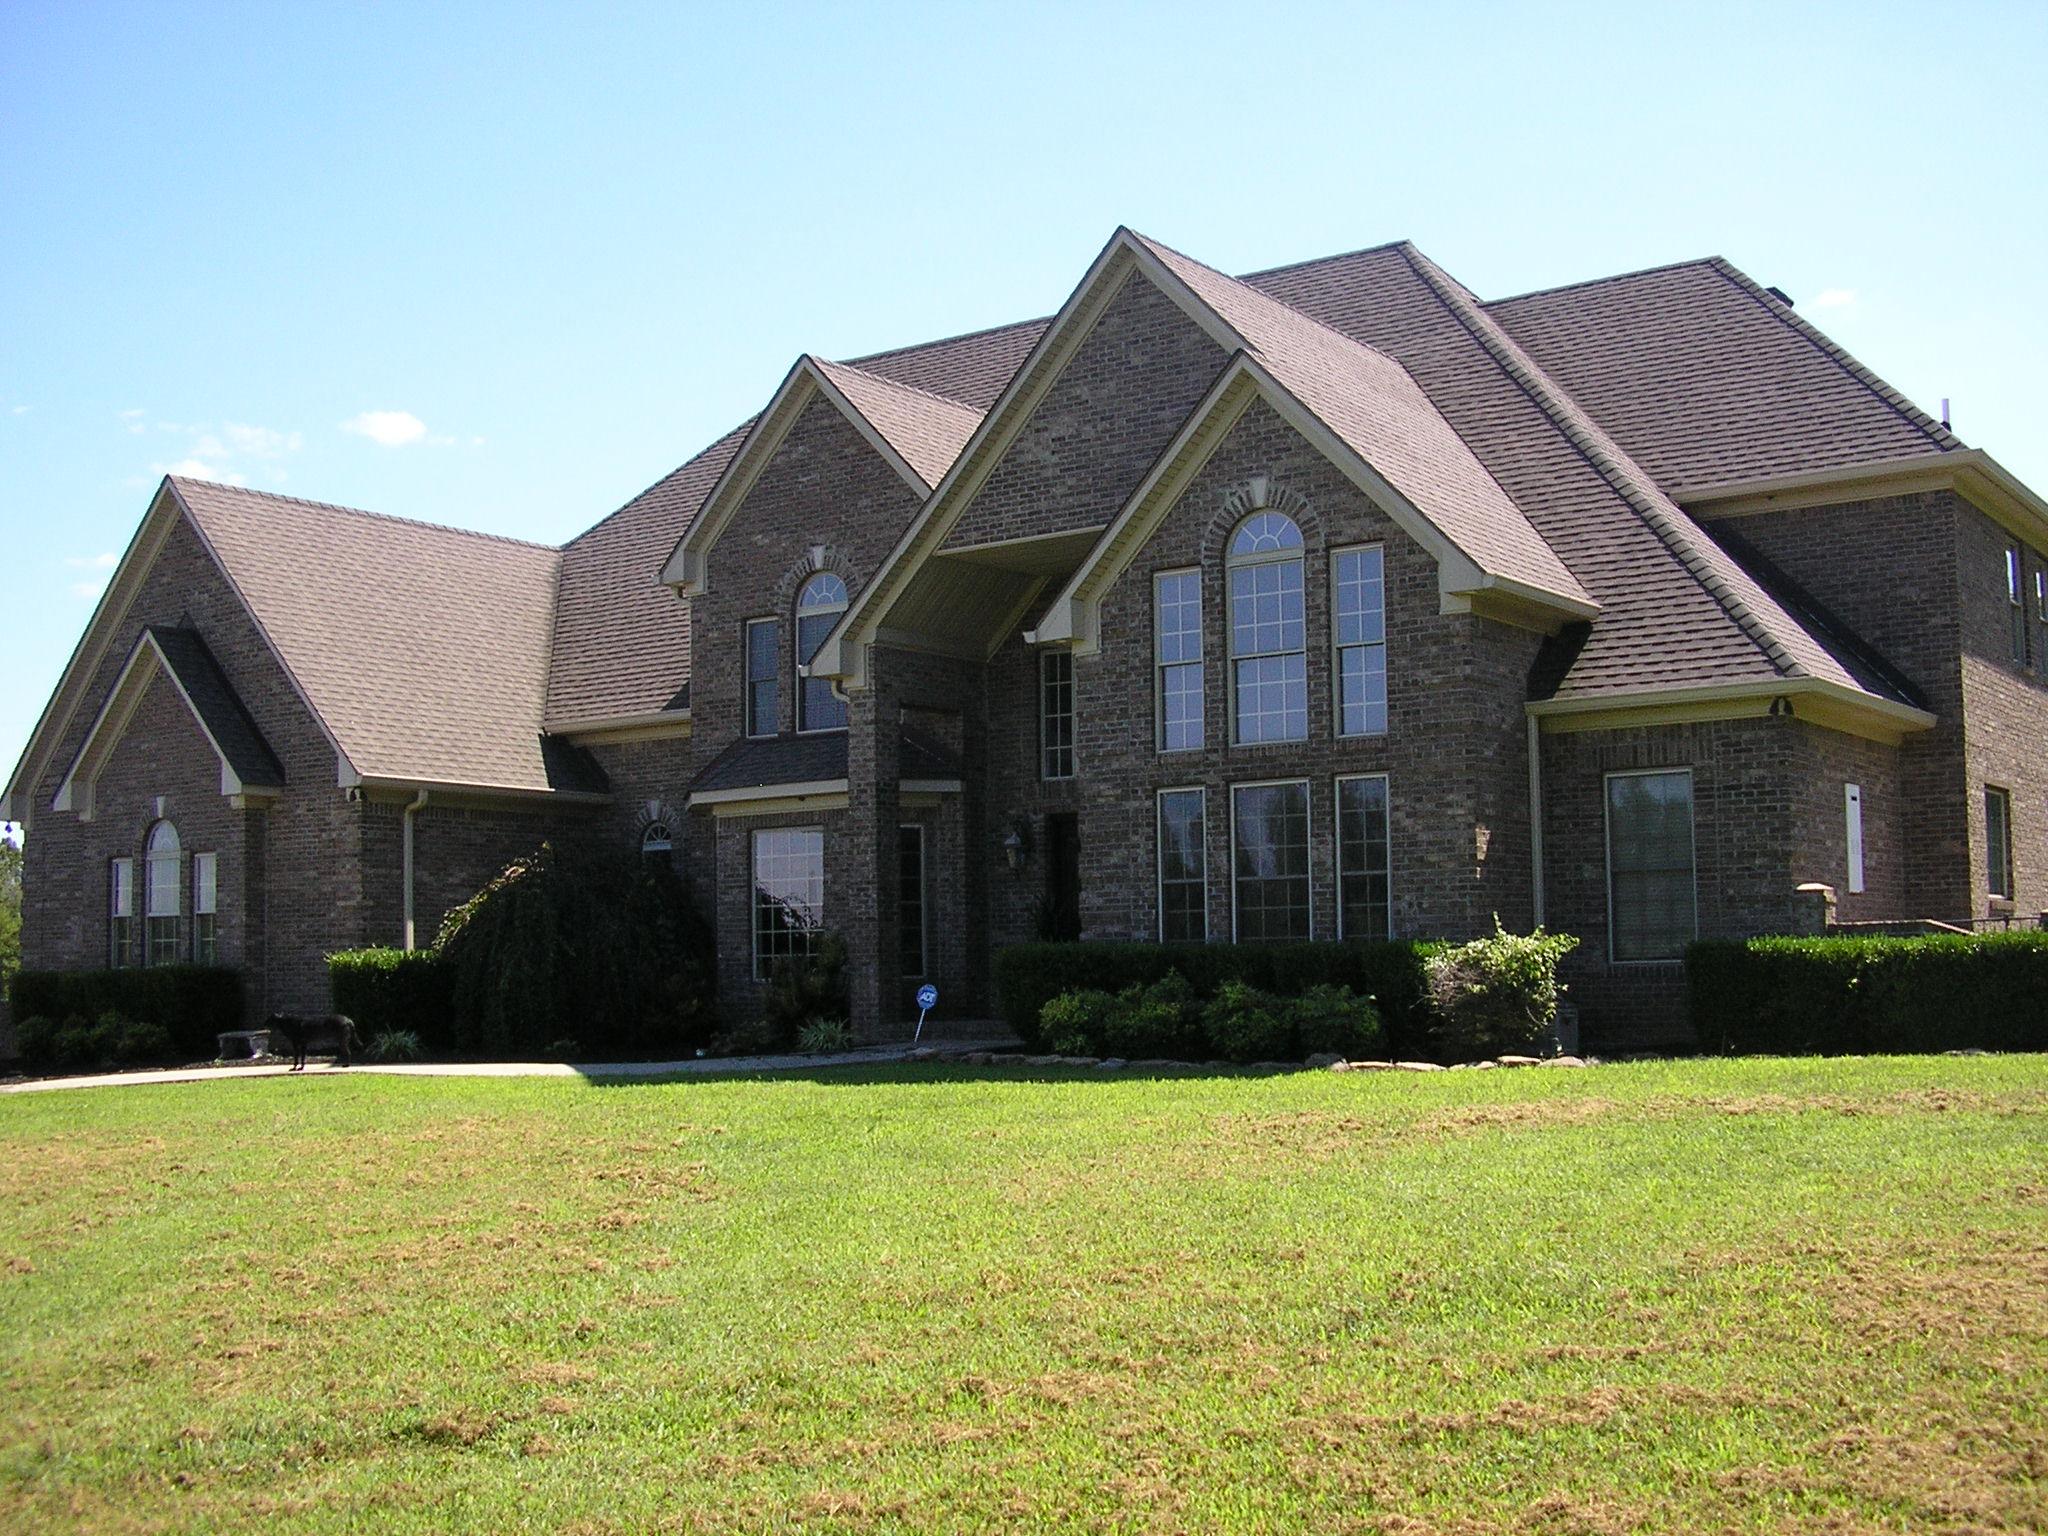 3951 Barnes School Rd, Woodburn, Kentucky 42170